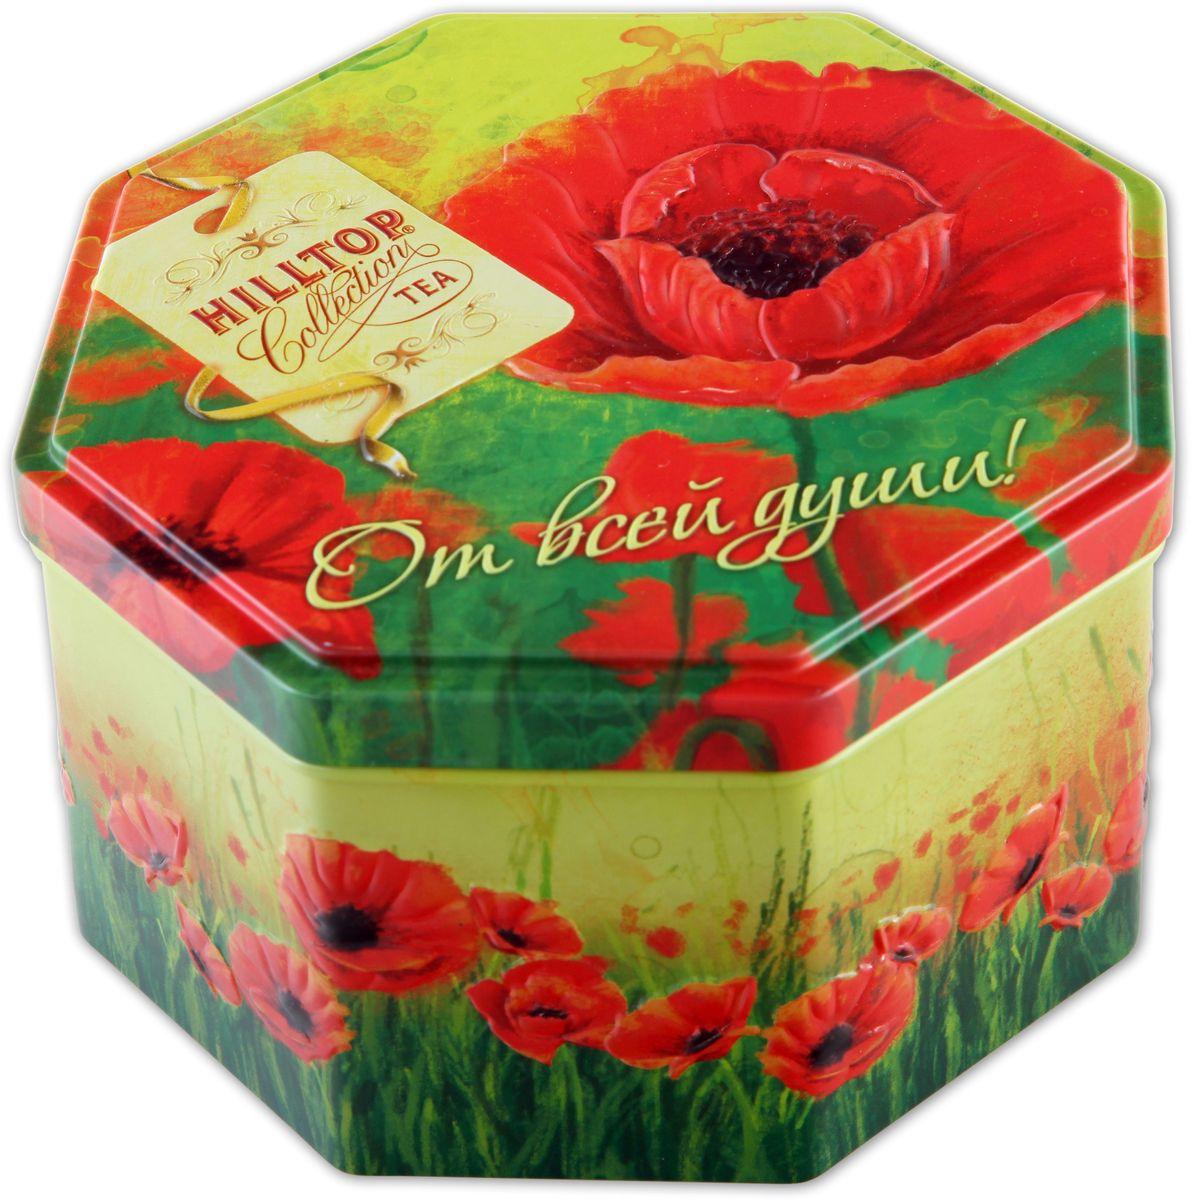 Hilltop Подарок Цейлона. Маков цвет черный листовой чай, 150 гPS108Hilltop Подарок Цейлона Маков цвет - крупнолистовой цейлонский черный чай с глубоким, насыщенным вкусом и изумительным ароматом.